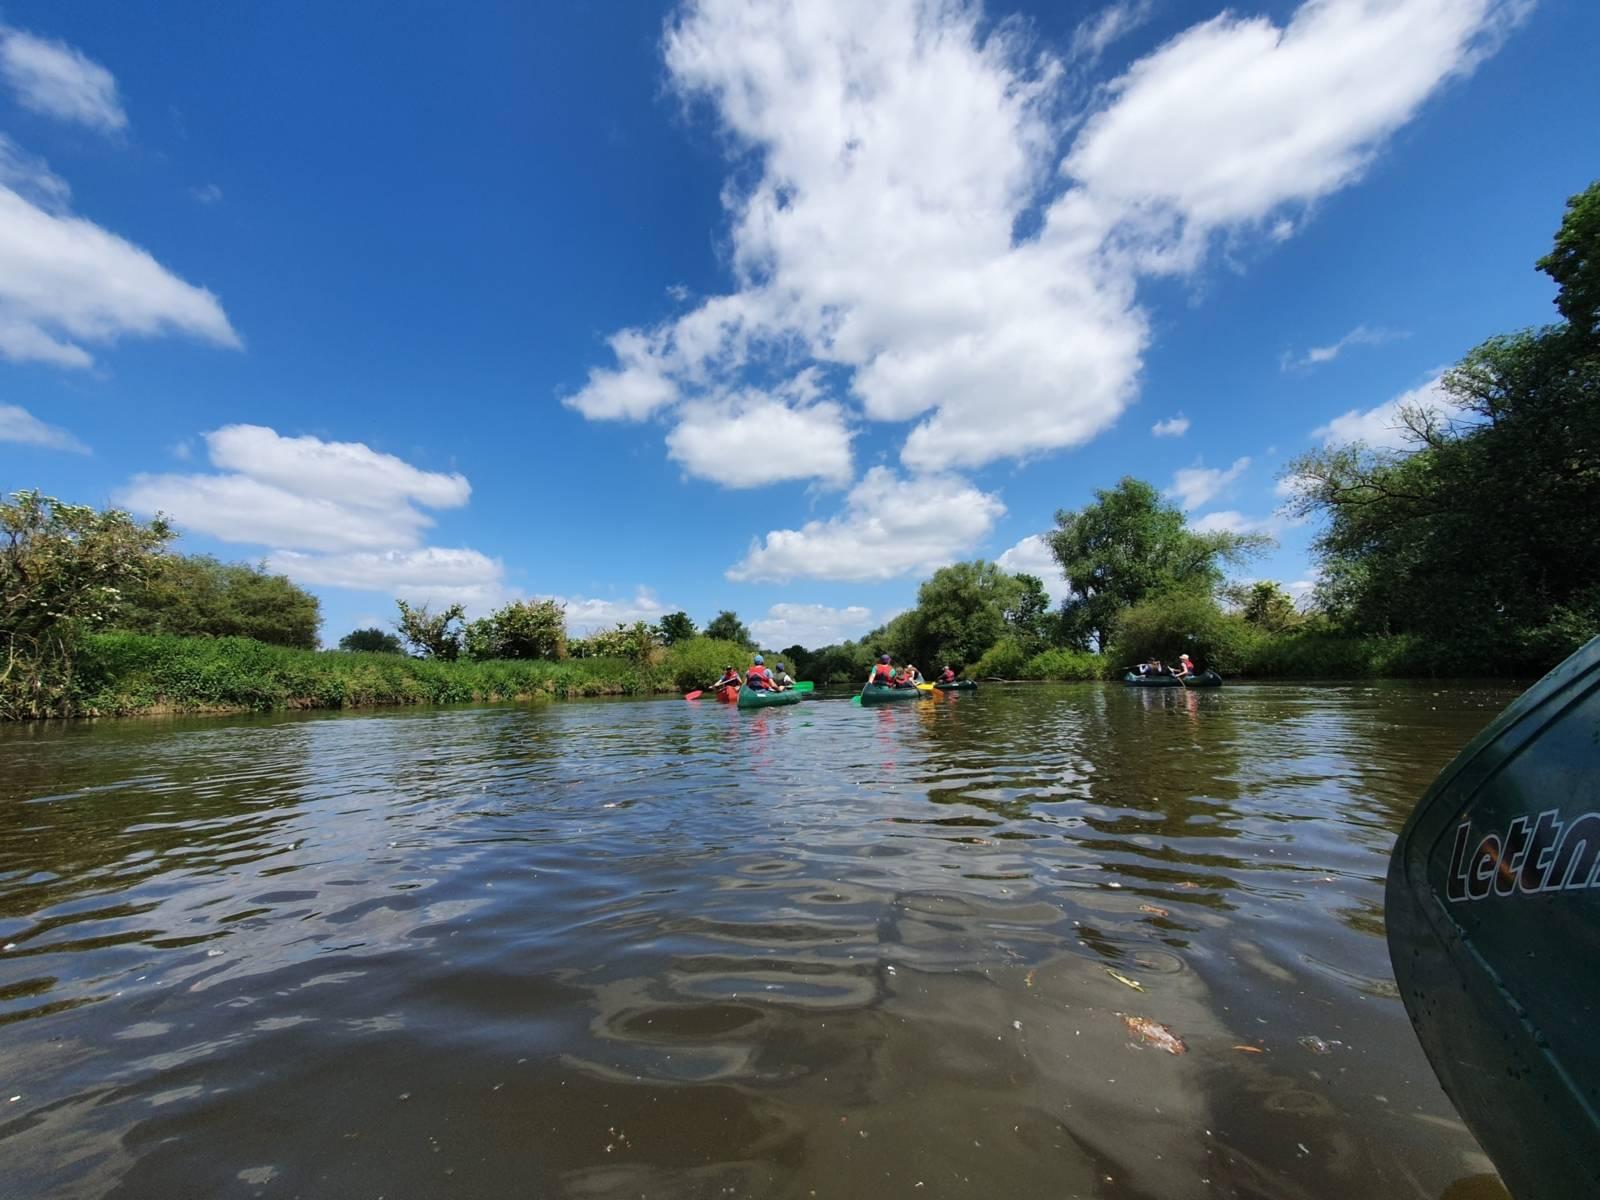 Blick nach vorn aus der Mitte des Flusses: In der Entfernung sechs bunte Paddelboote, rechts und links die grünbewachsenen Ufer, ein blauer Himmel mit Zirruswolken